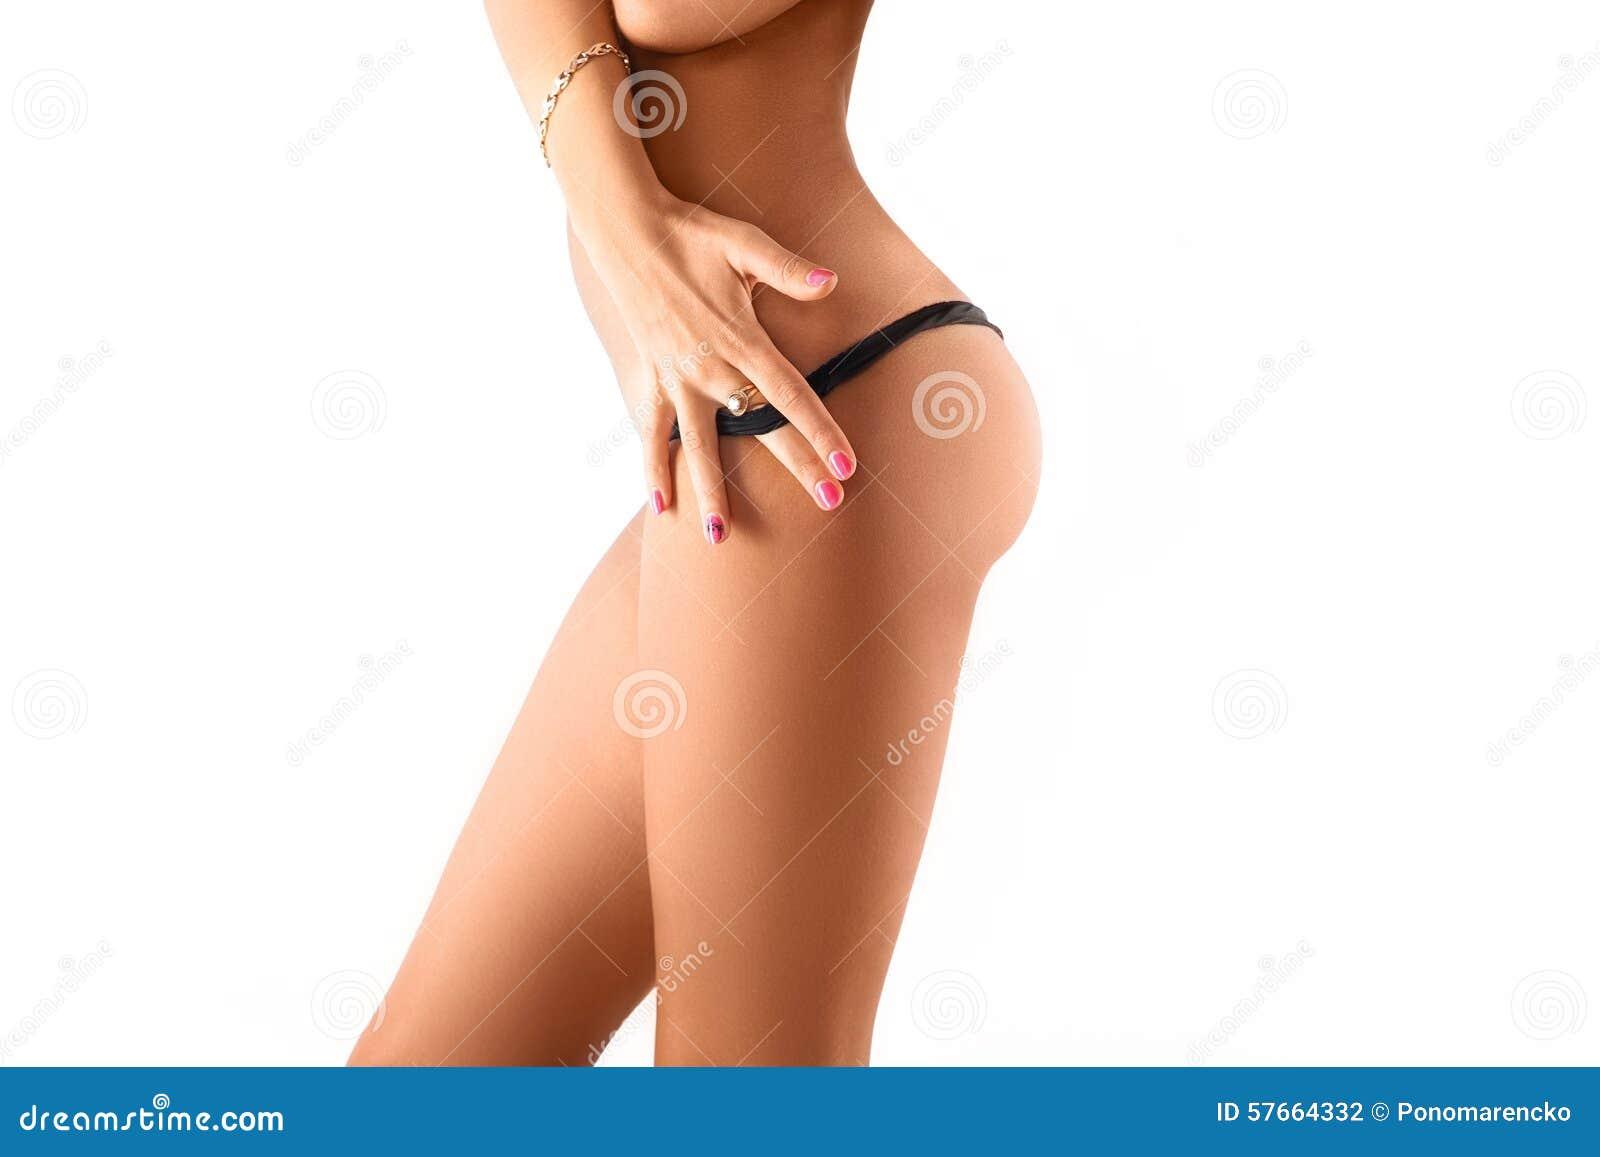 Boczny widok kobiety schudnięcia ciało w czarnych majtasach